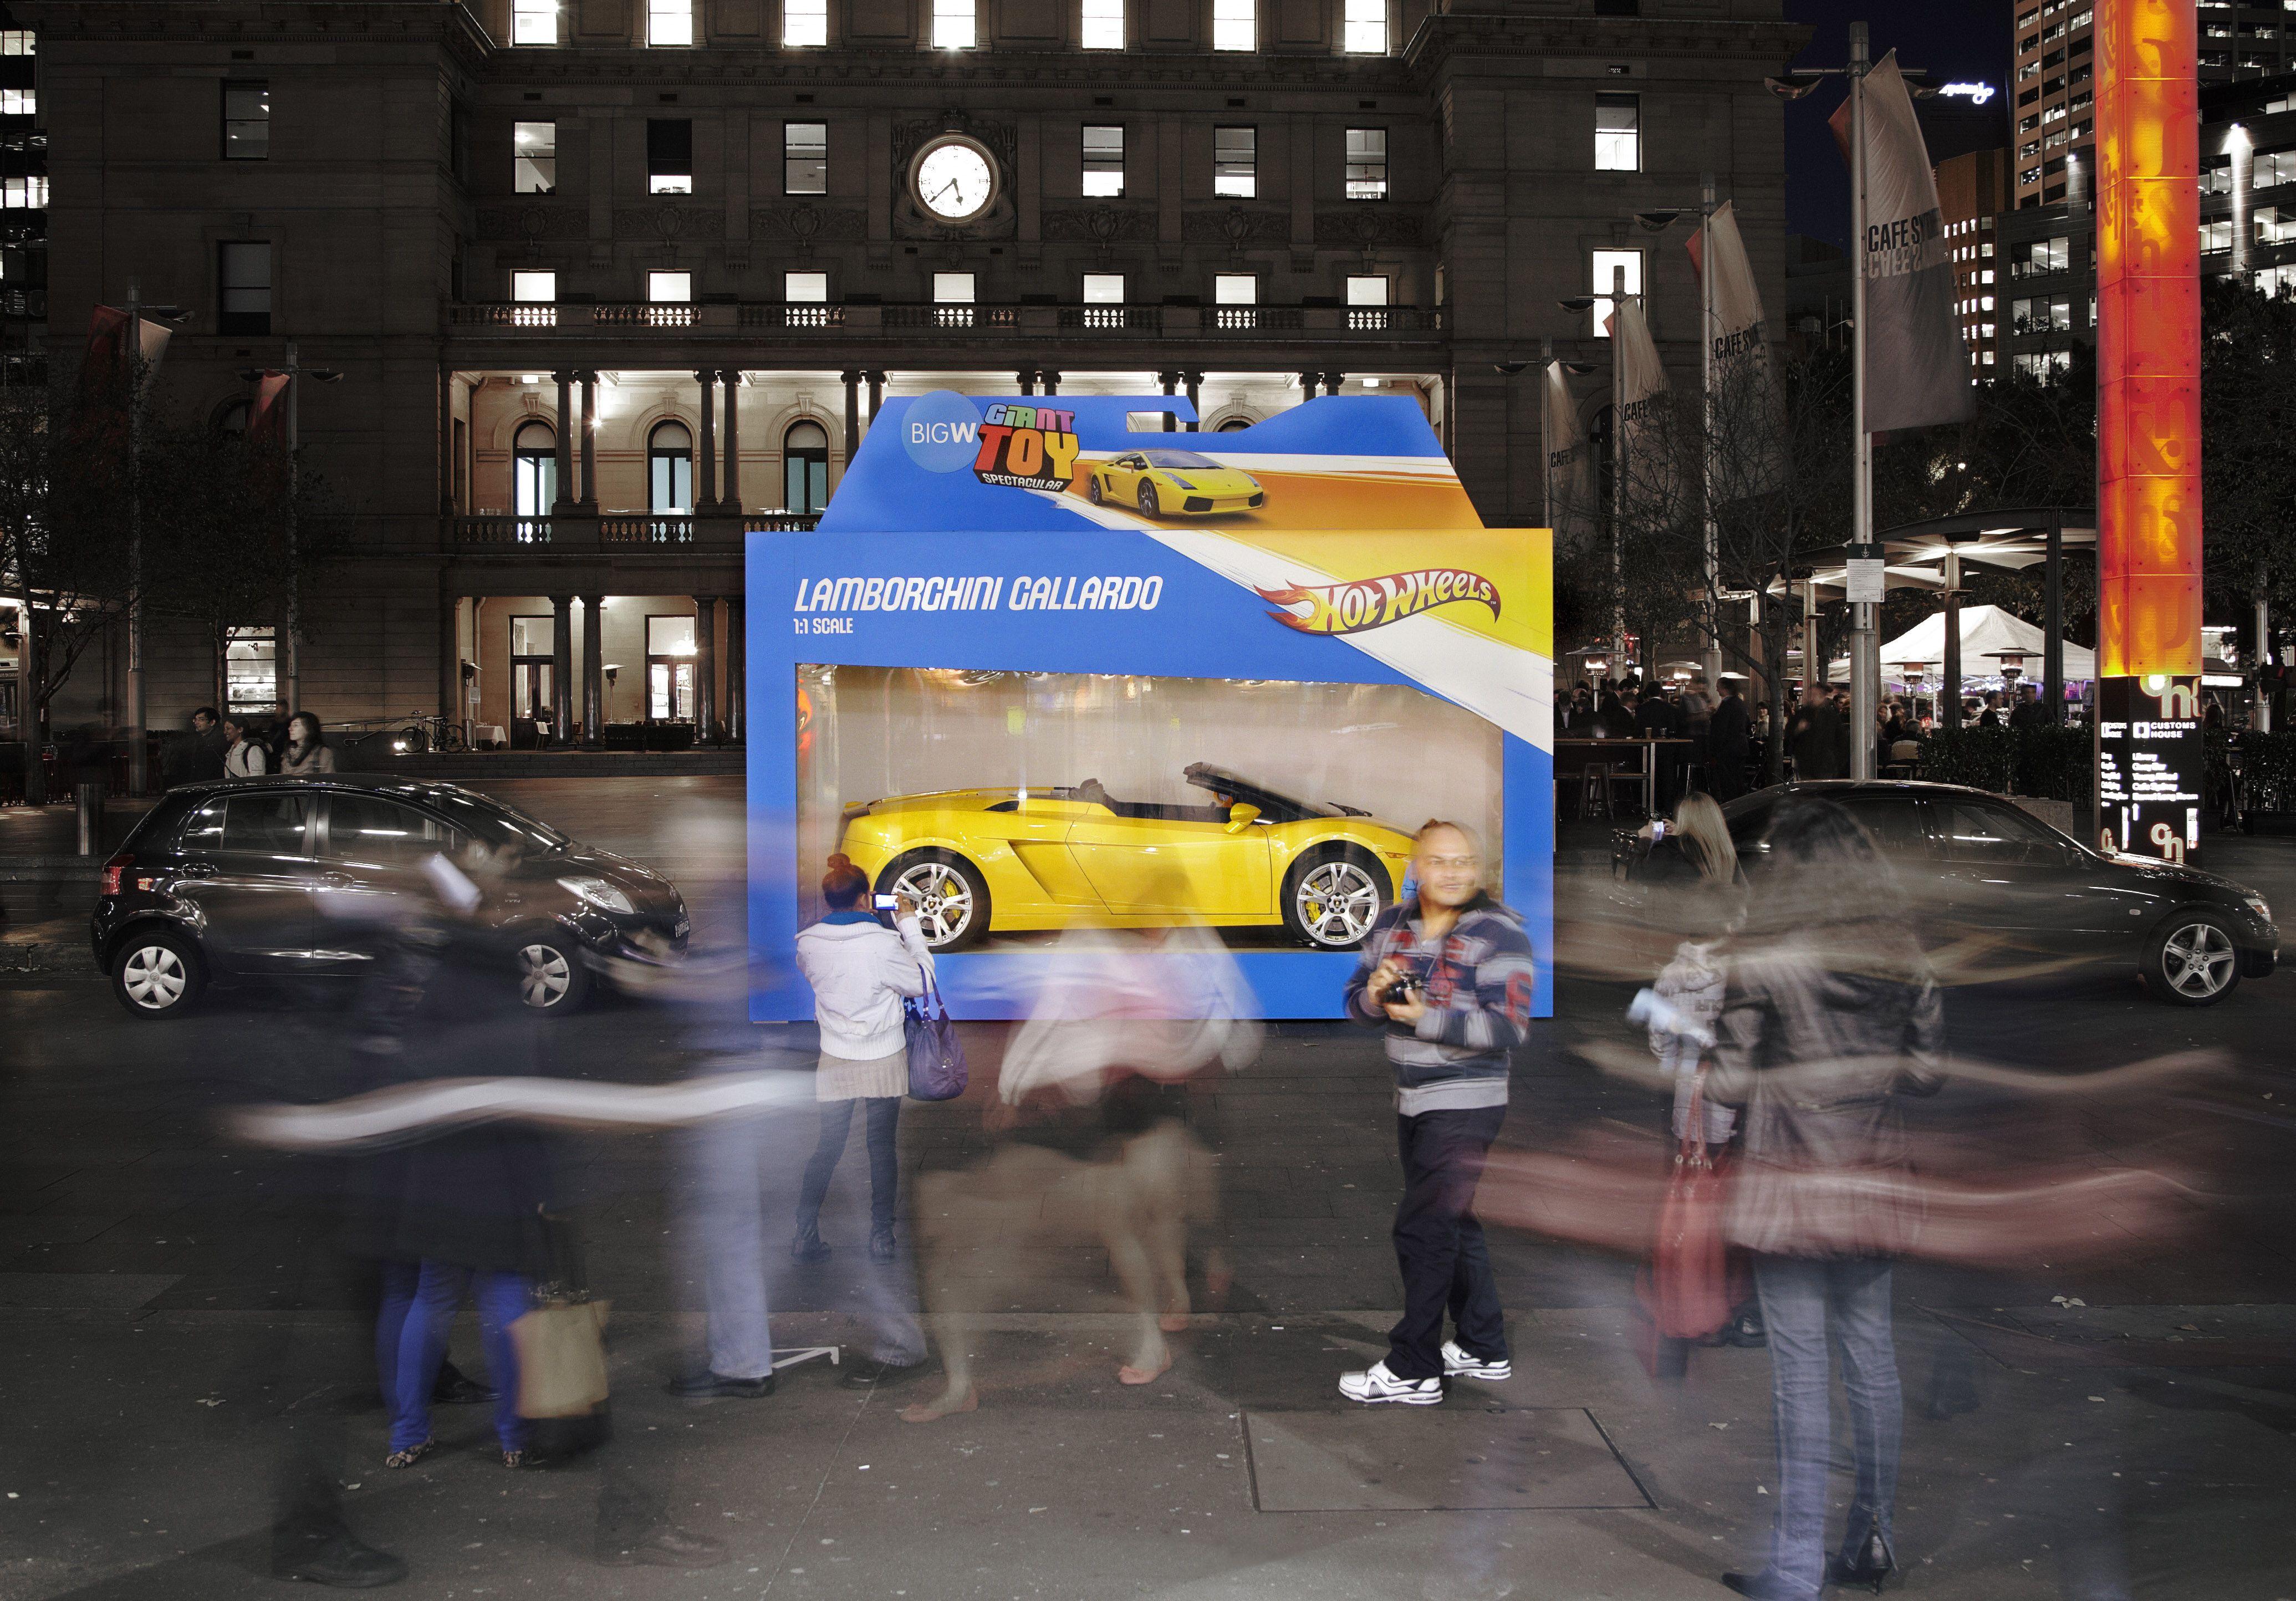 hot wheels box_r2 - Real Hot Wheels Cars